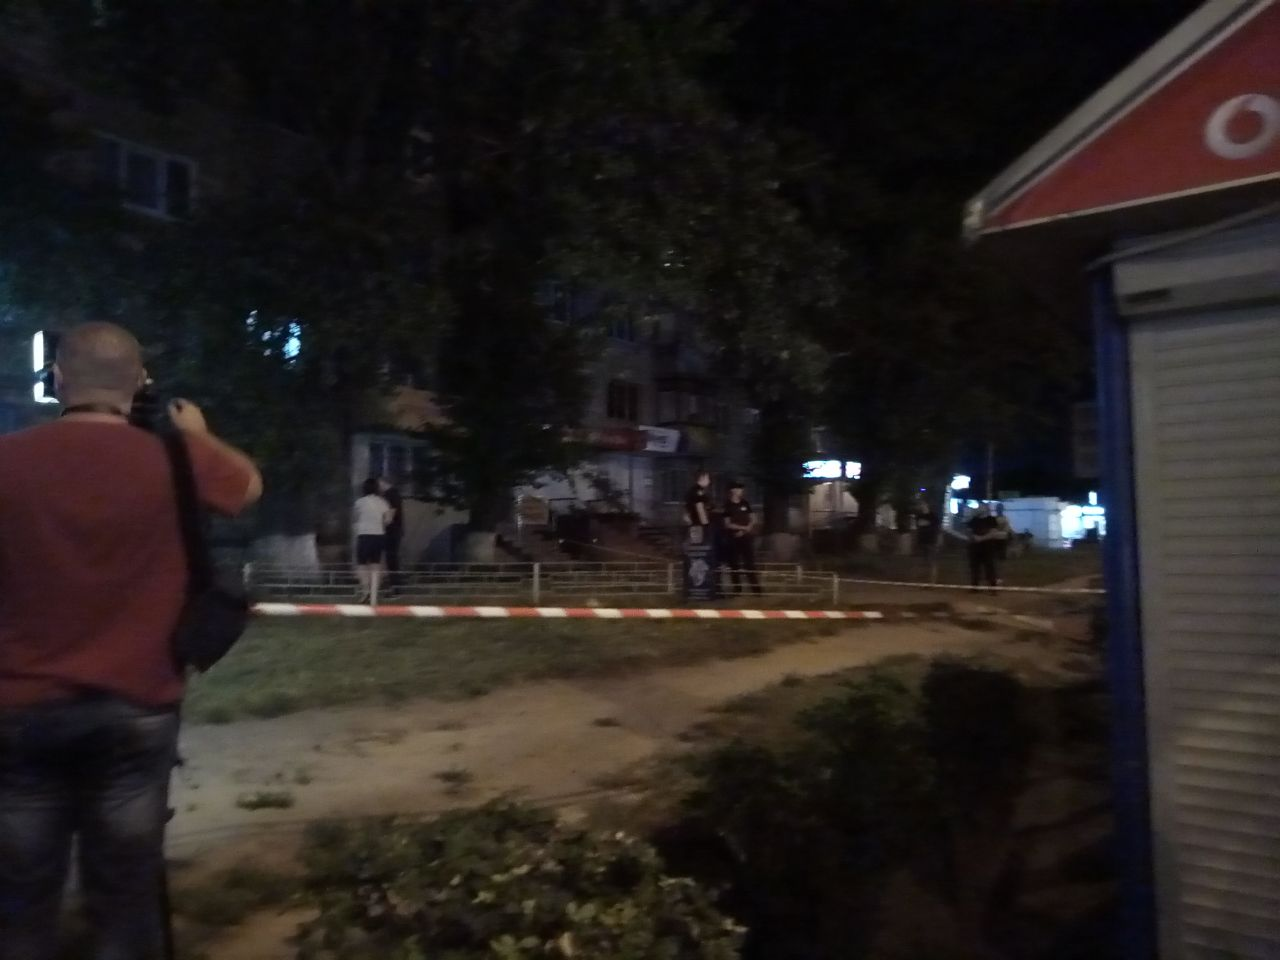 У Києві троє чоловіків пограбували ломбард і застрелили охоронця: ексклюзивні фото